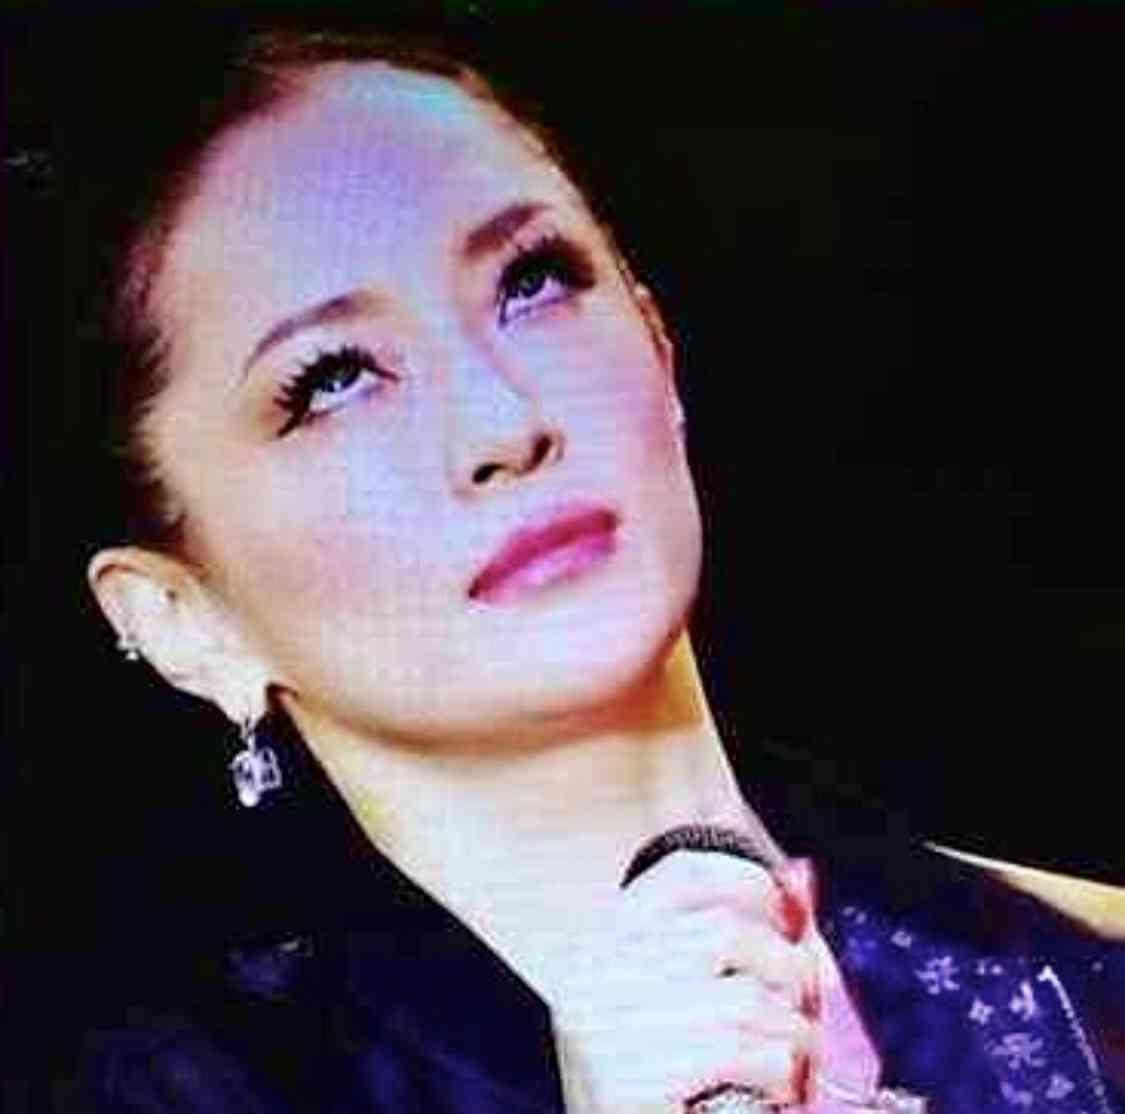 """浜崎あゆみ""""神秘的""""な写真に反響「女神ですか」「本当に美しい」"""